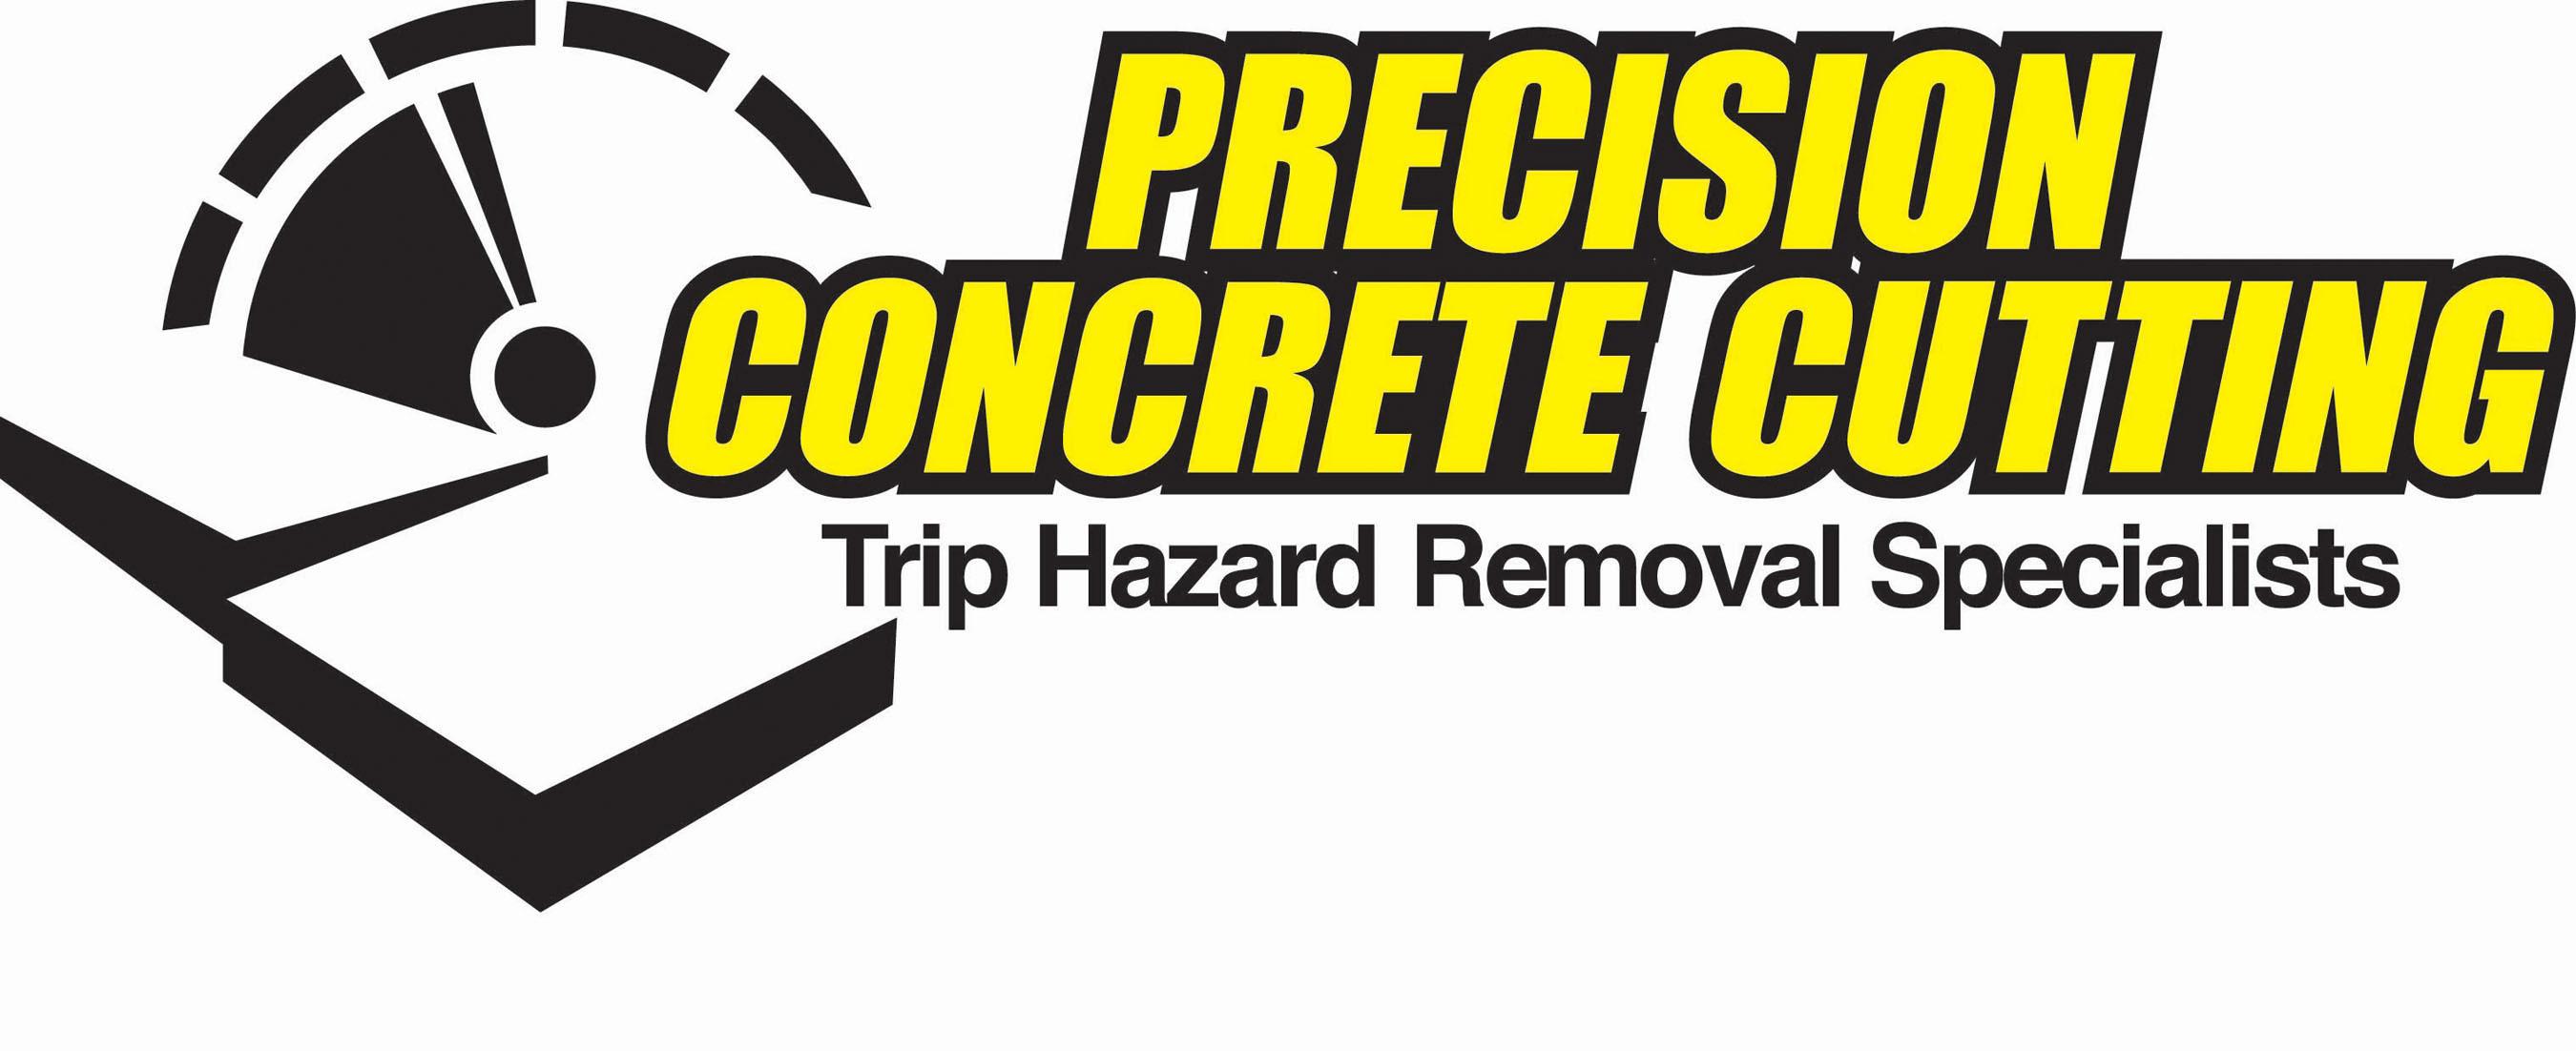 Precision Concrete Cutting logo. (PRNewsFoto/Precision Concrete Cutting) (PRNewsFoto/PRECISION CONCRETE CUTTING)